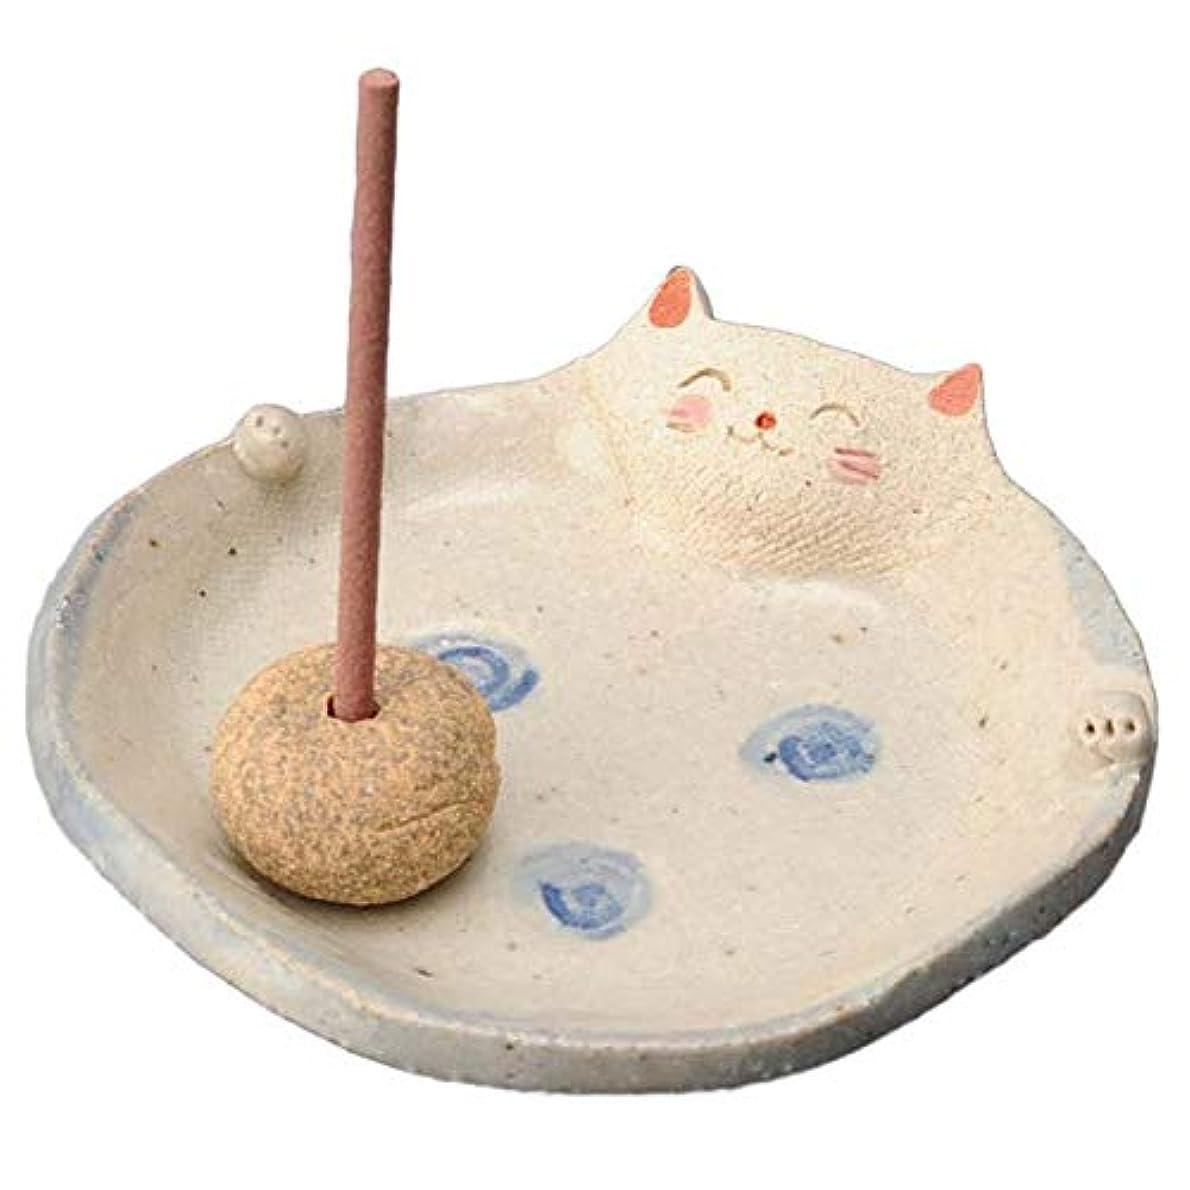 肥沃な笑シャー手造り 香皿 香立て/ふっくら 香皿(ネコ) /香り アロマ 癒やし リラックス インテリア プレゼント 贈り物